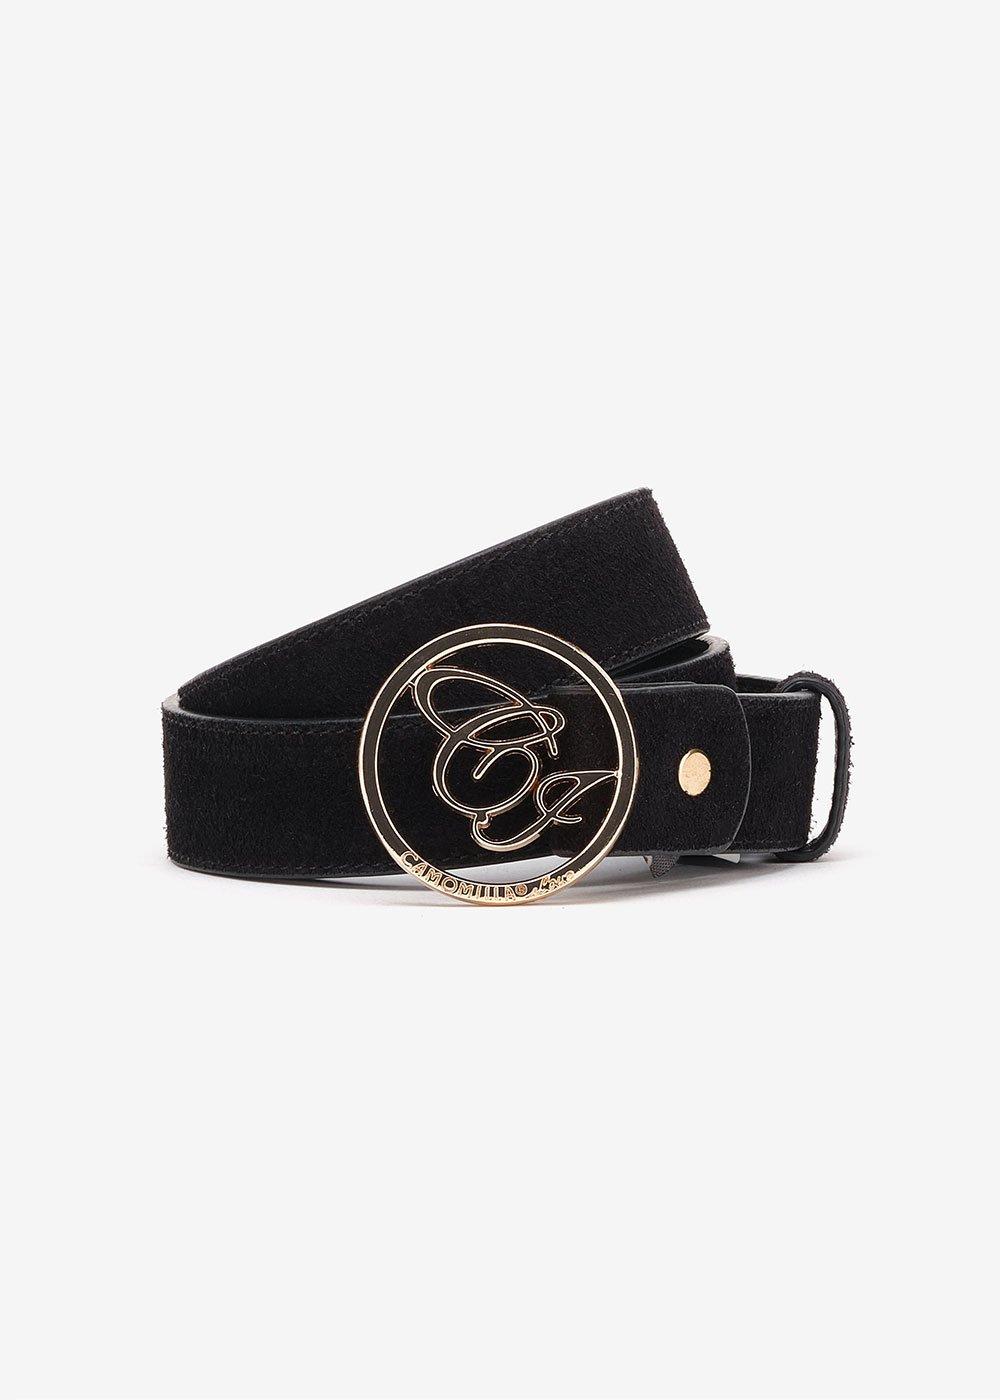 Cintura Candys in camoscio con logo CI - Black - Donna